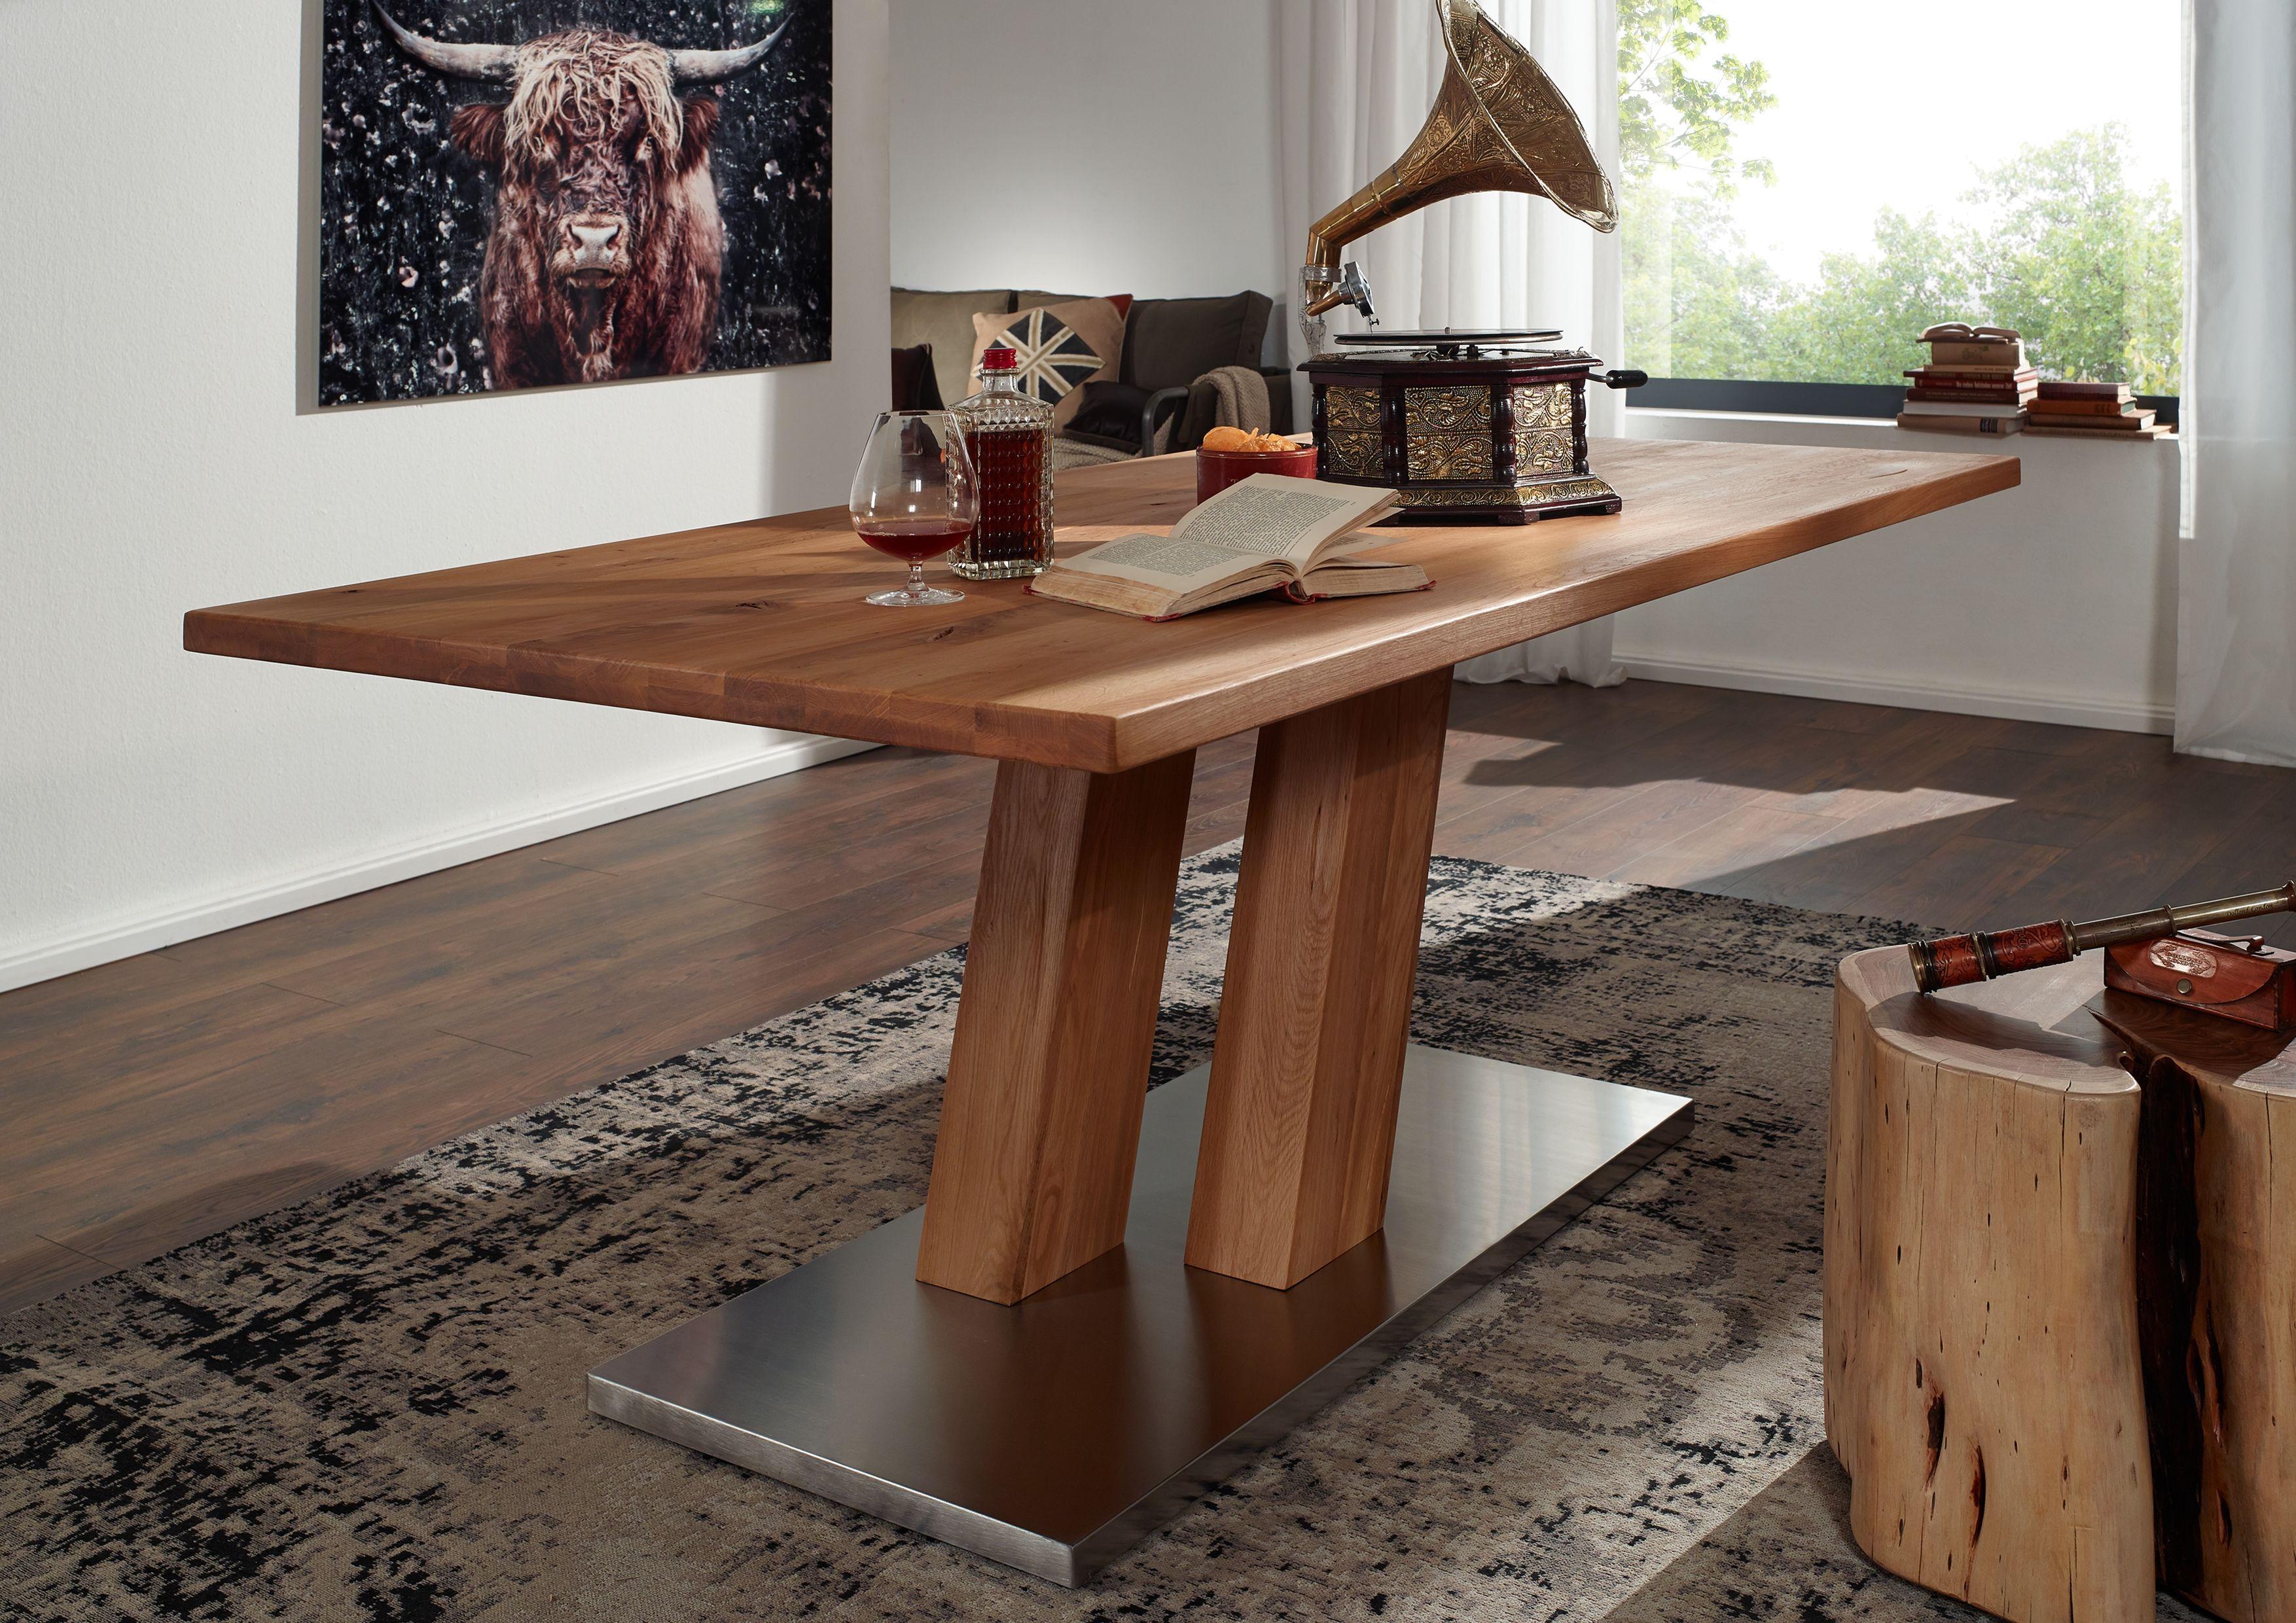 Esstisch baumstamm optik massiver baumstamm tisch genesis cm eiche massivholz baumkante - Tisch lasieren ...